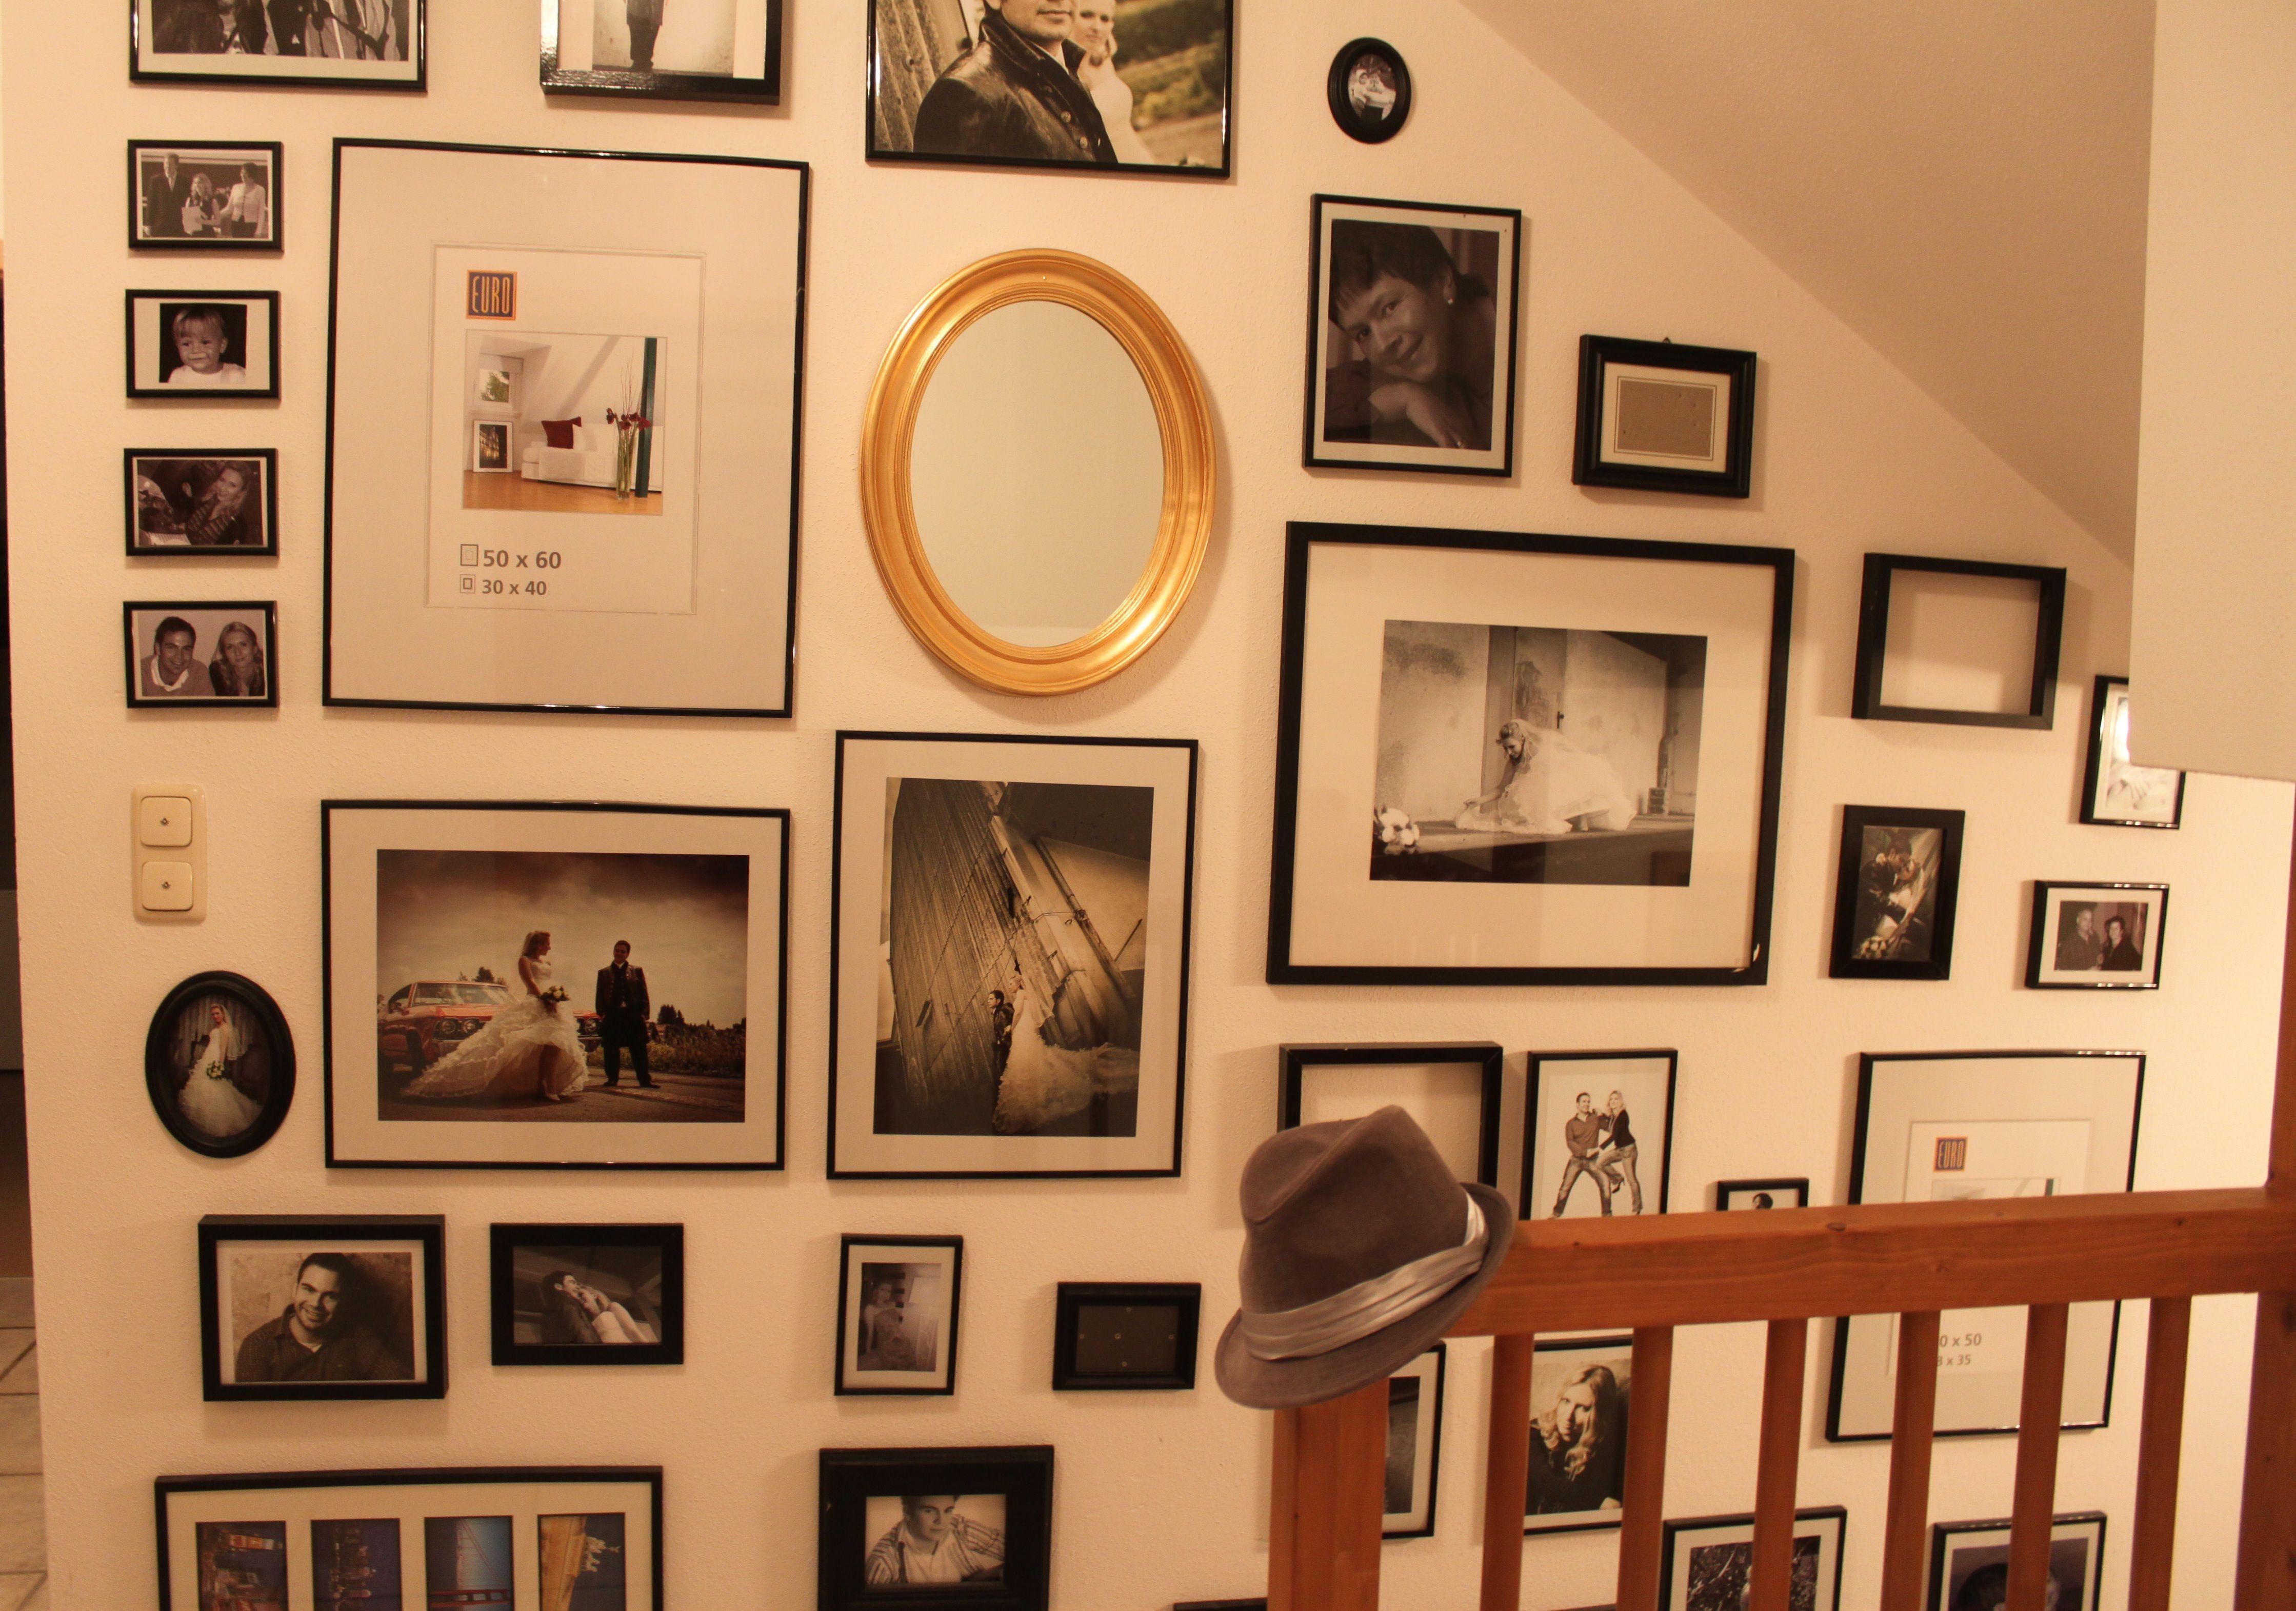 Awesome Neueste Kleine Schlafzimmer Dekoration 2015 | Dekoration 2015 | Pinterest |  Kleines Schlafzimmer, Schlafzimmer Und Dekoration Amazing Design